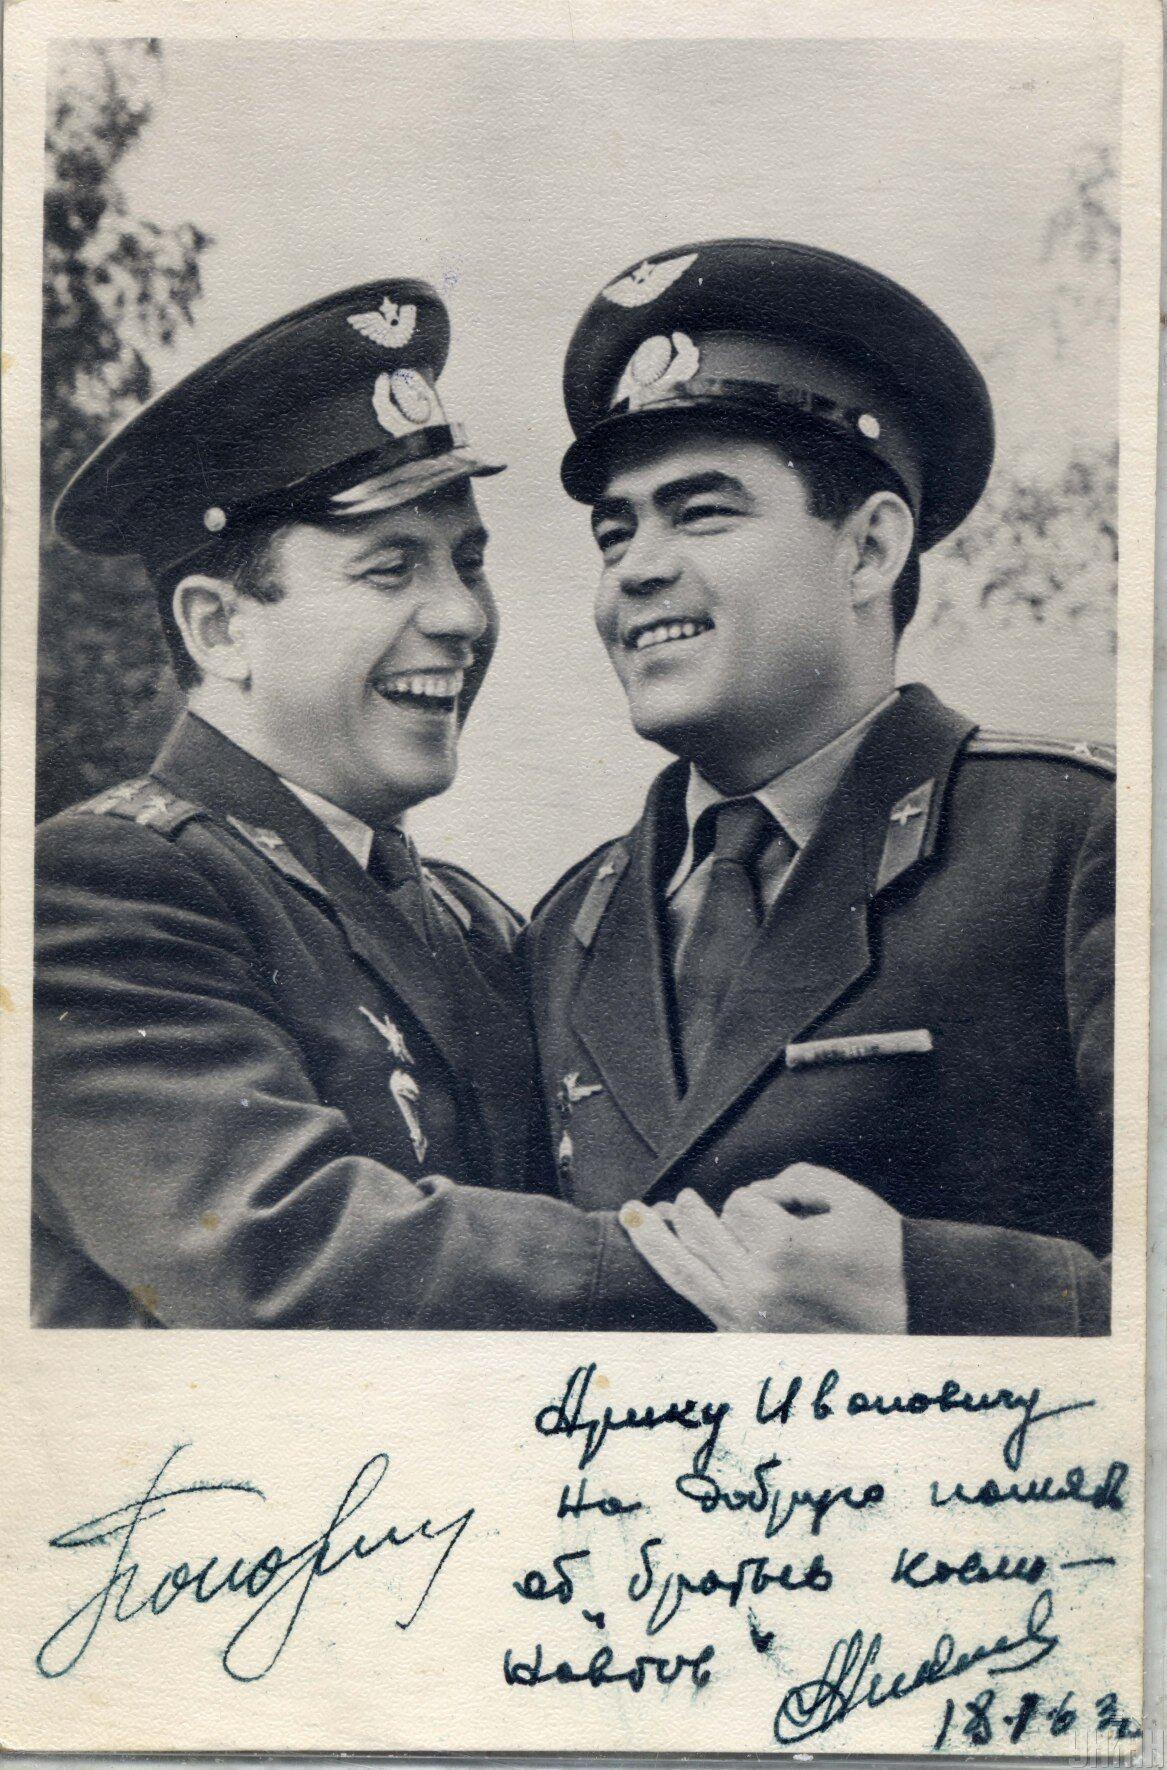 Павел Попович и Андриян Николаев. Фото с автографами космонавтов